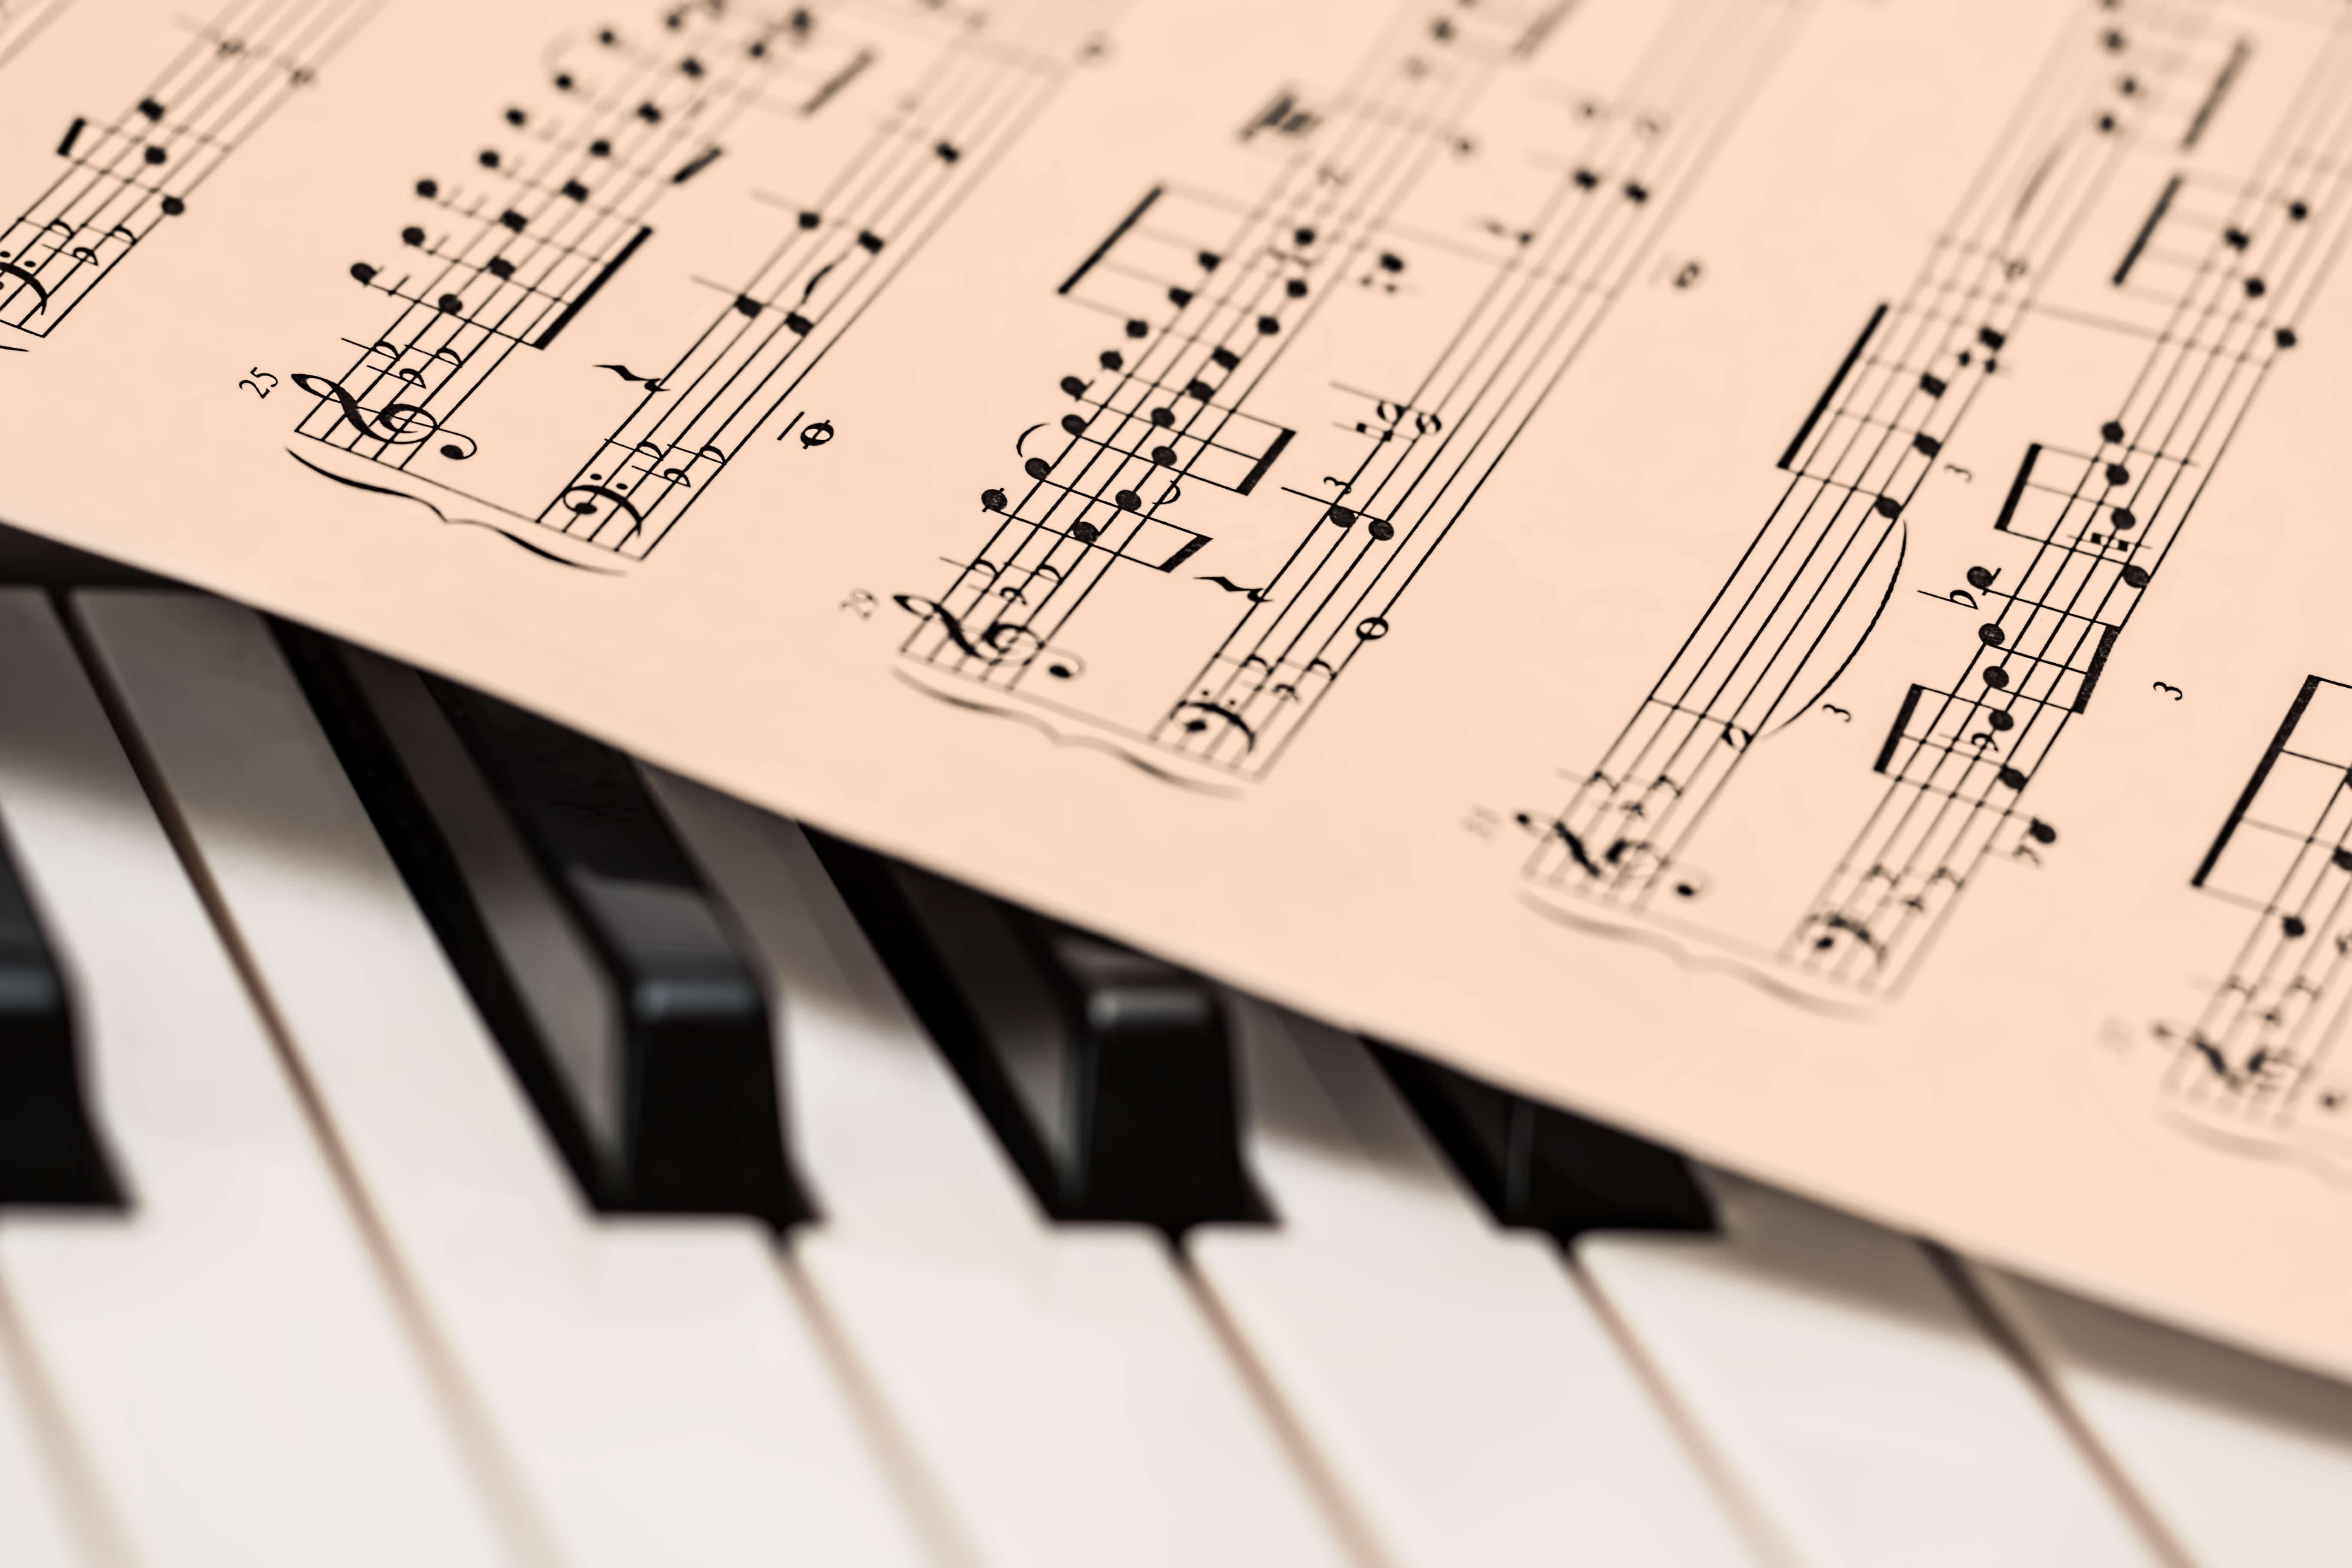 ピアノの上に置かれた楽譜